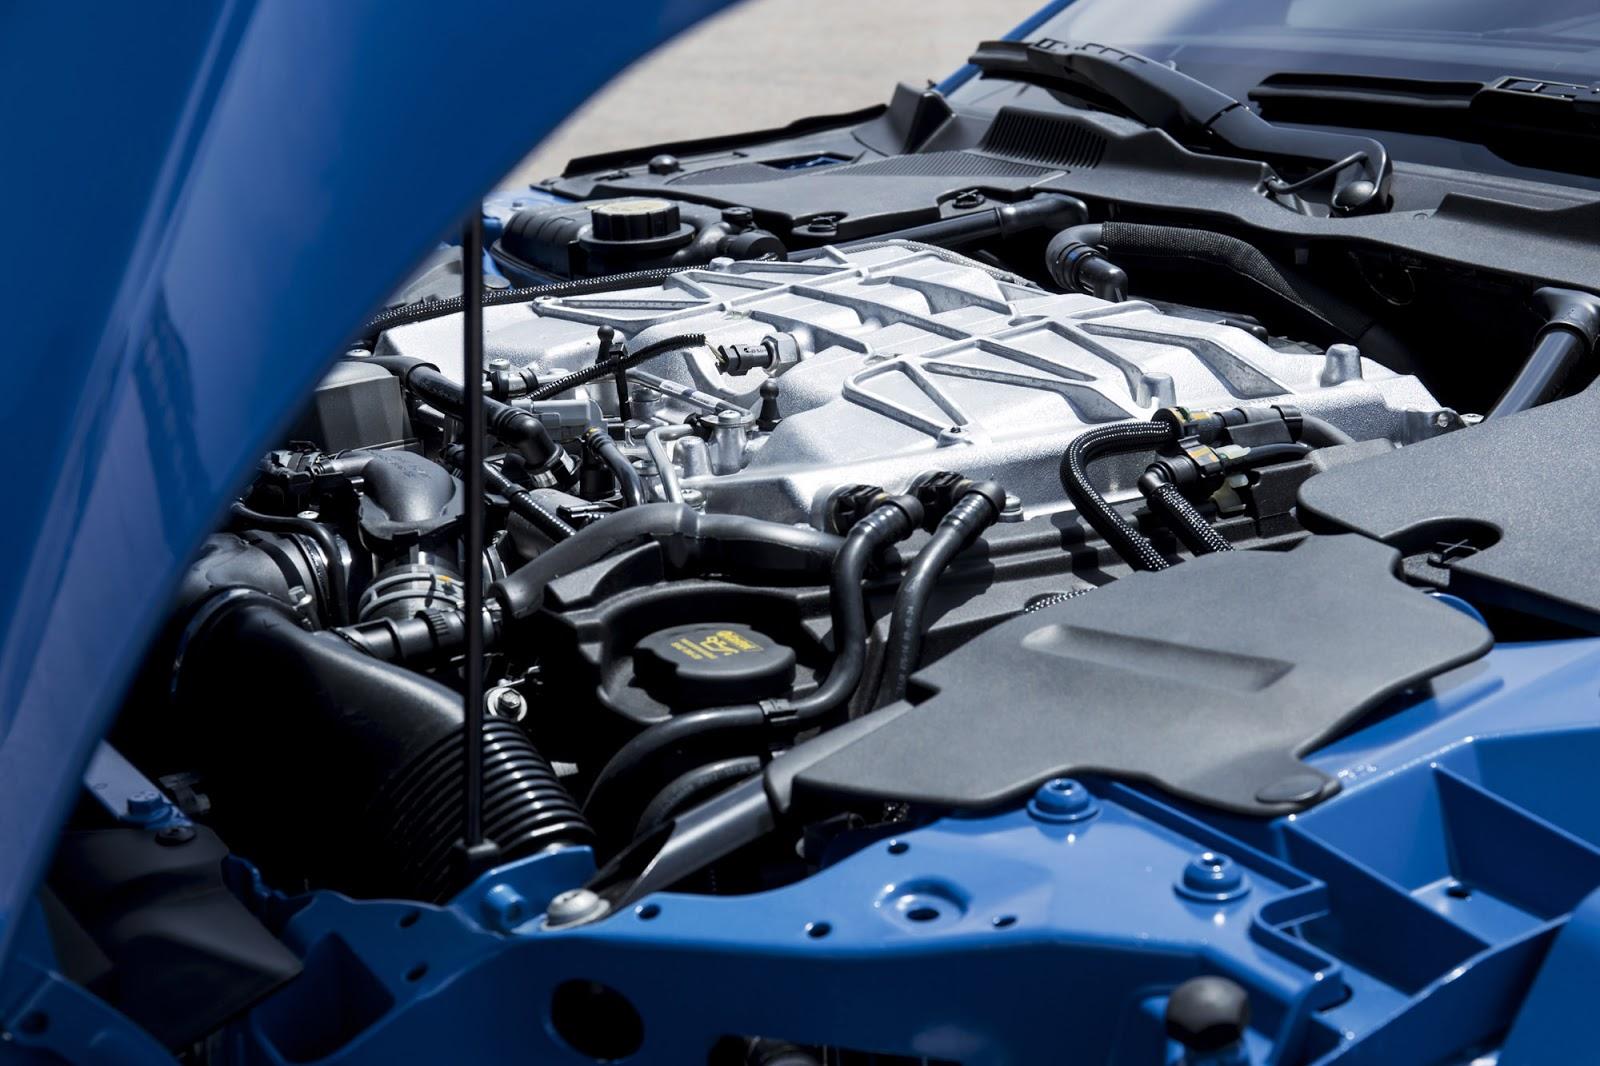 Công suất của xe lên đến 567 mã lực, có thể tăng lên nếu độ